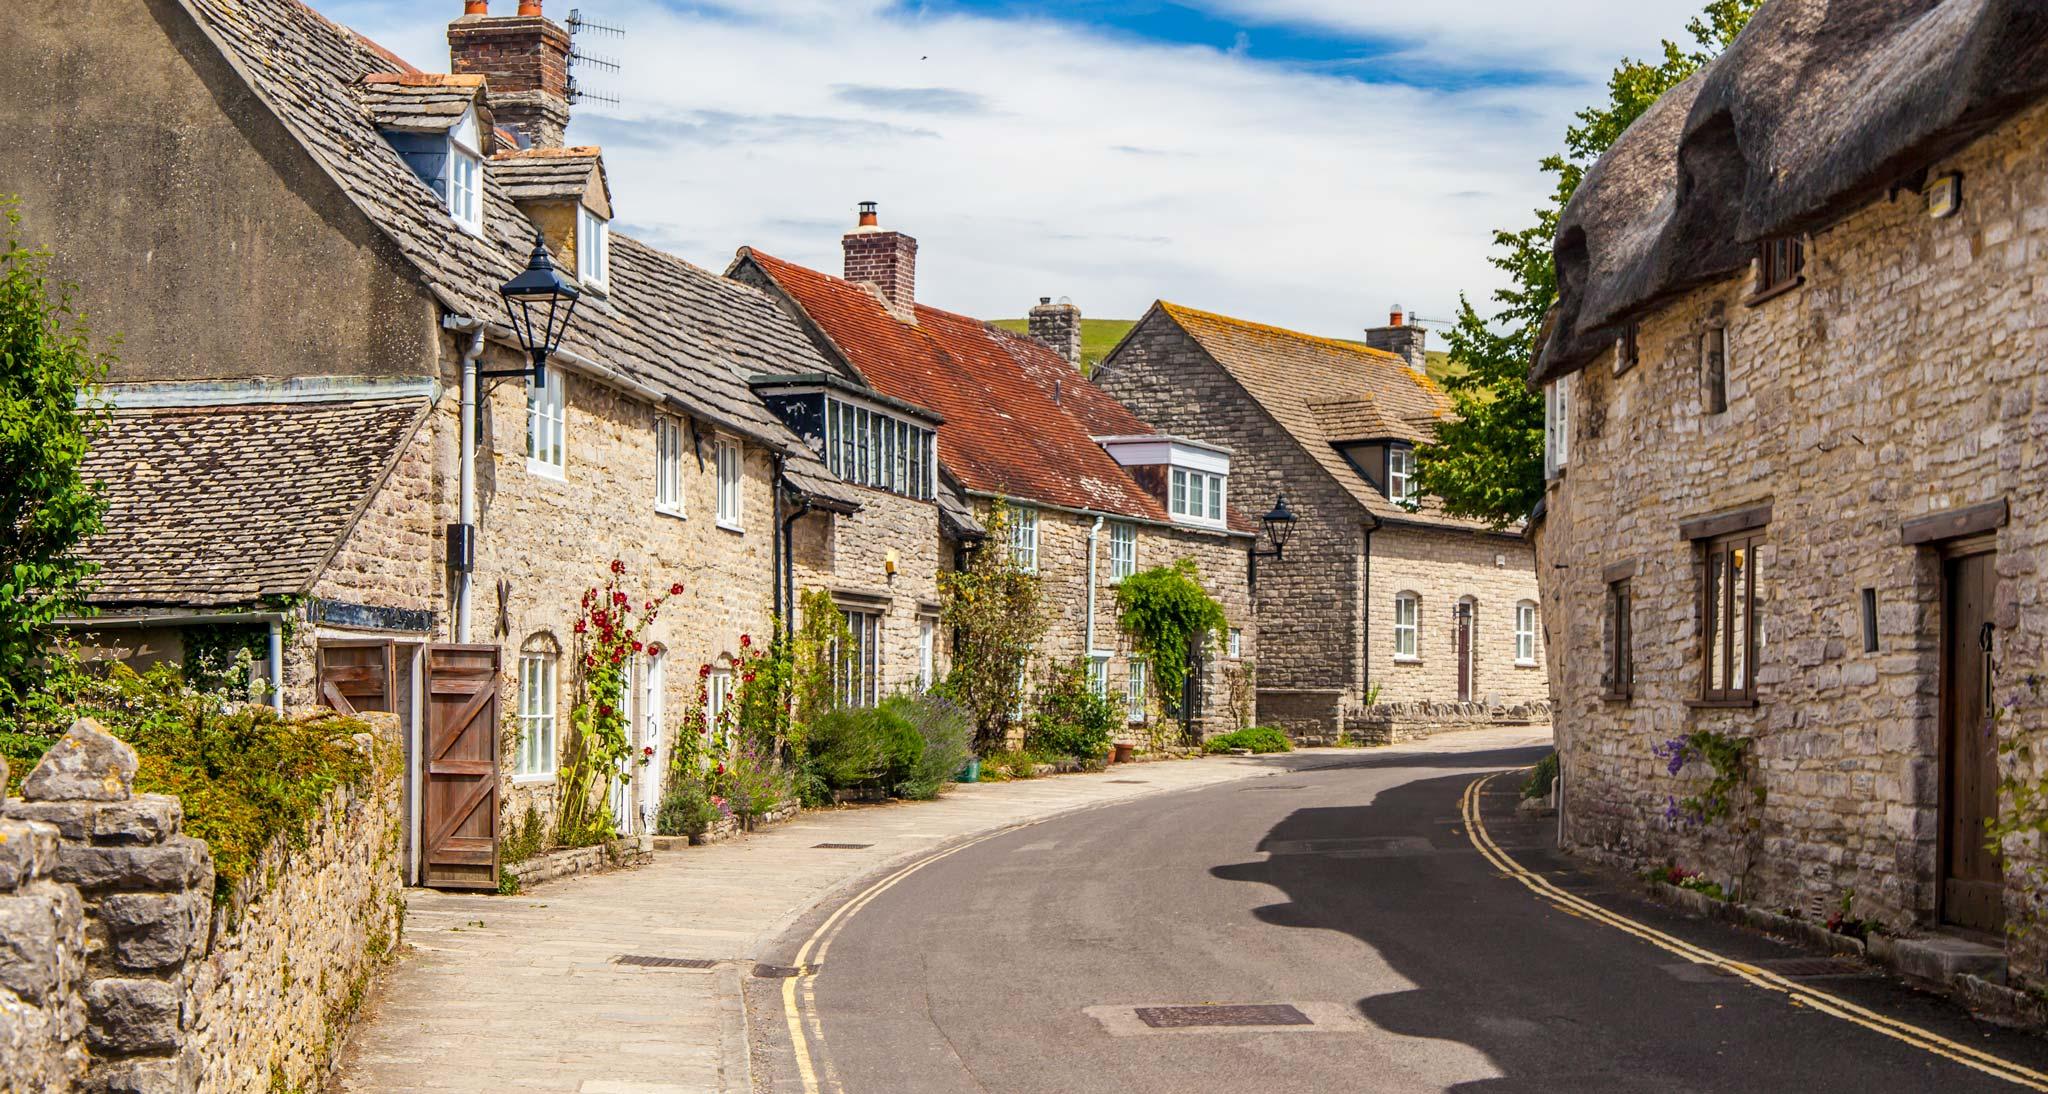 Calles pintorescas en Dorset